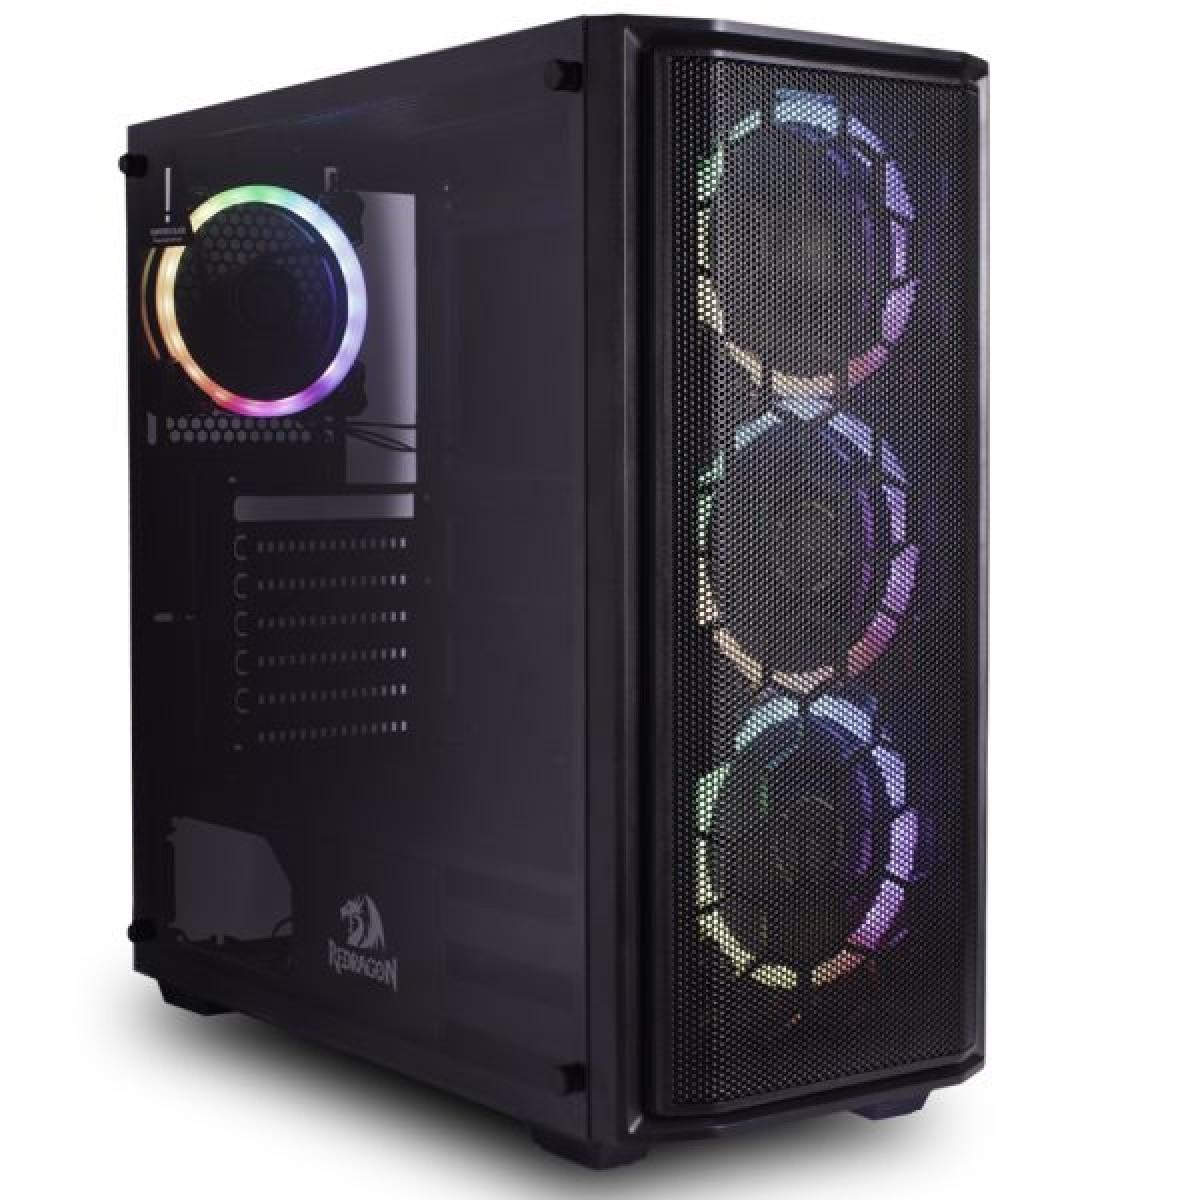 Pc Gamer T-General Lvl-1 AMD Ryzen 7 2700 / GEFORCE GTX 1060 6GB / DDR4 8GB / HD 1TB / 500W